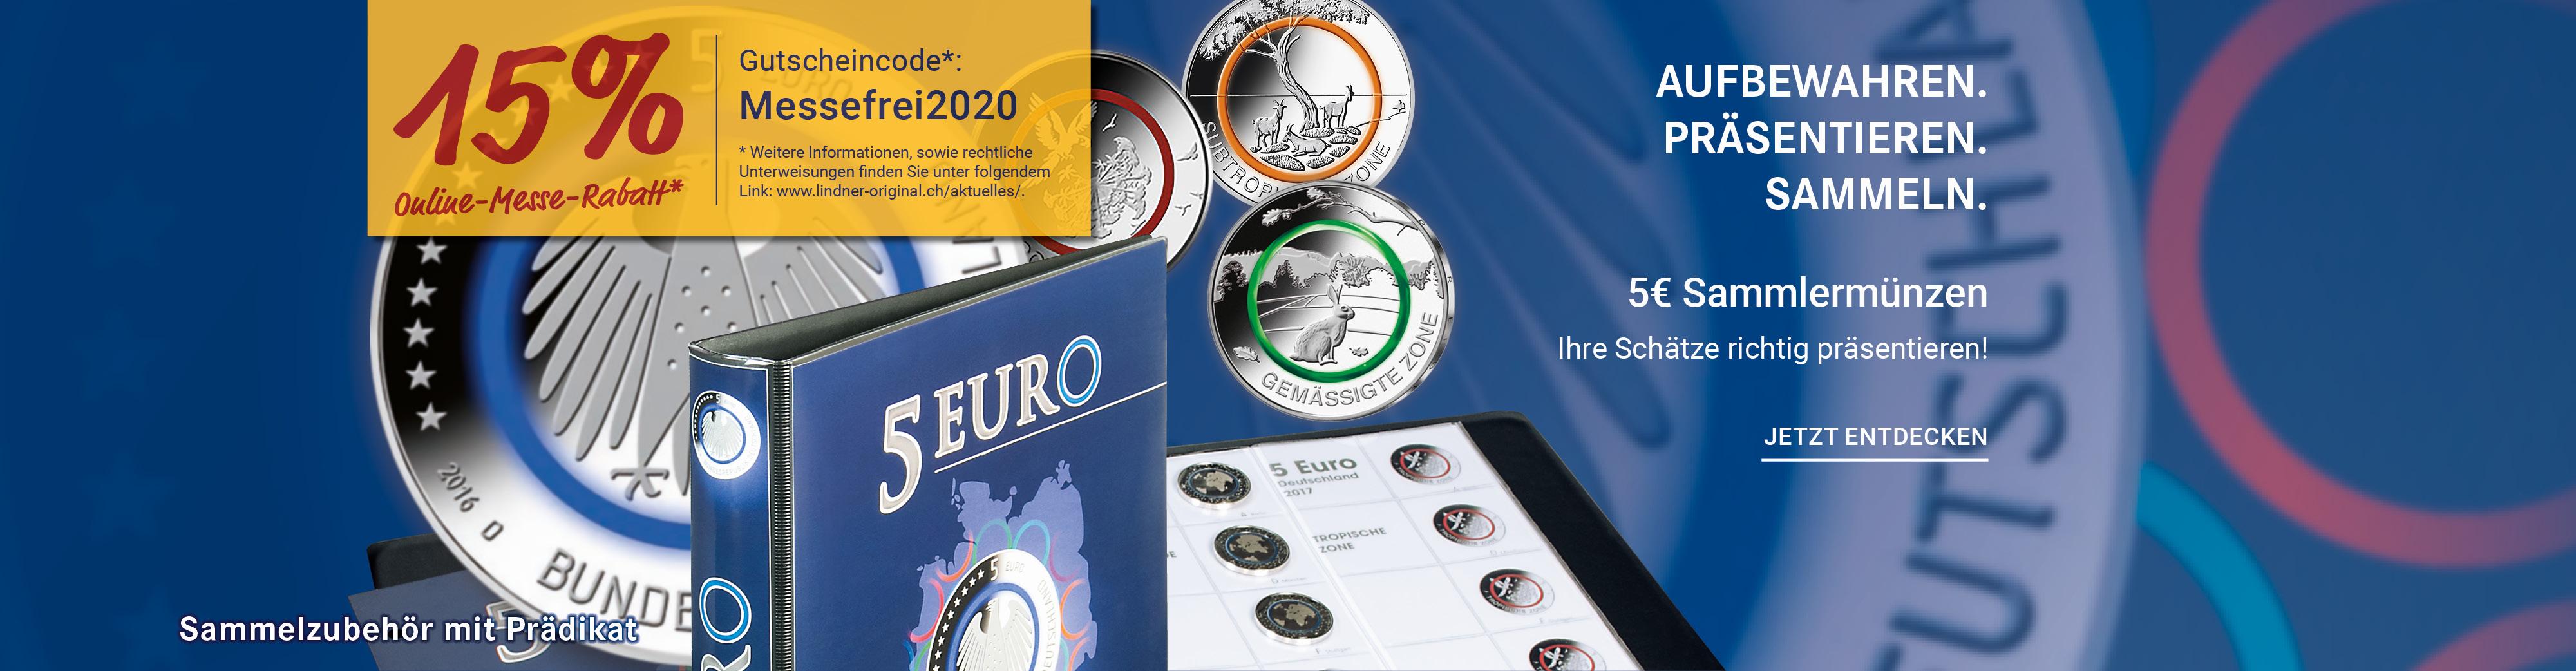 5€ Sammlermünzen